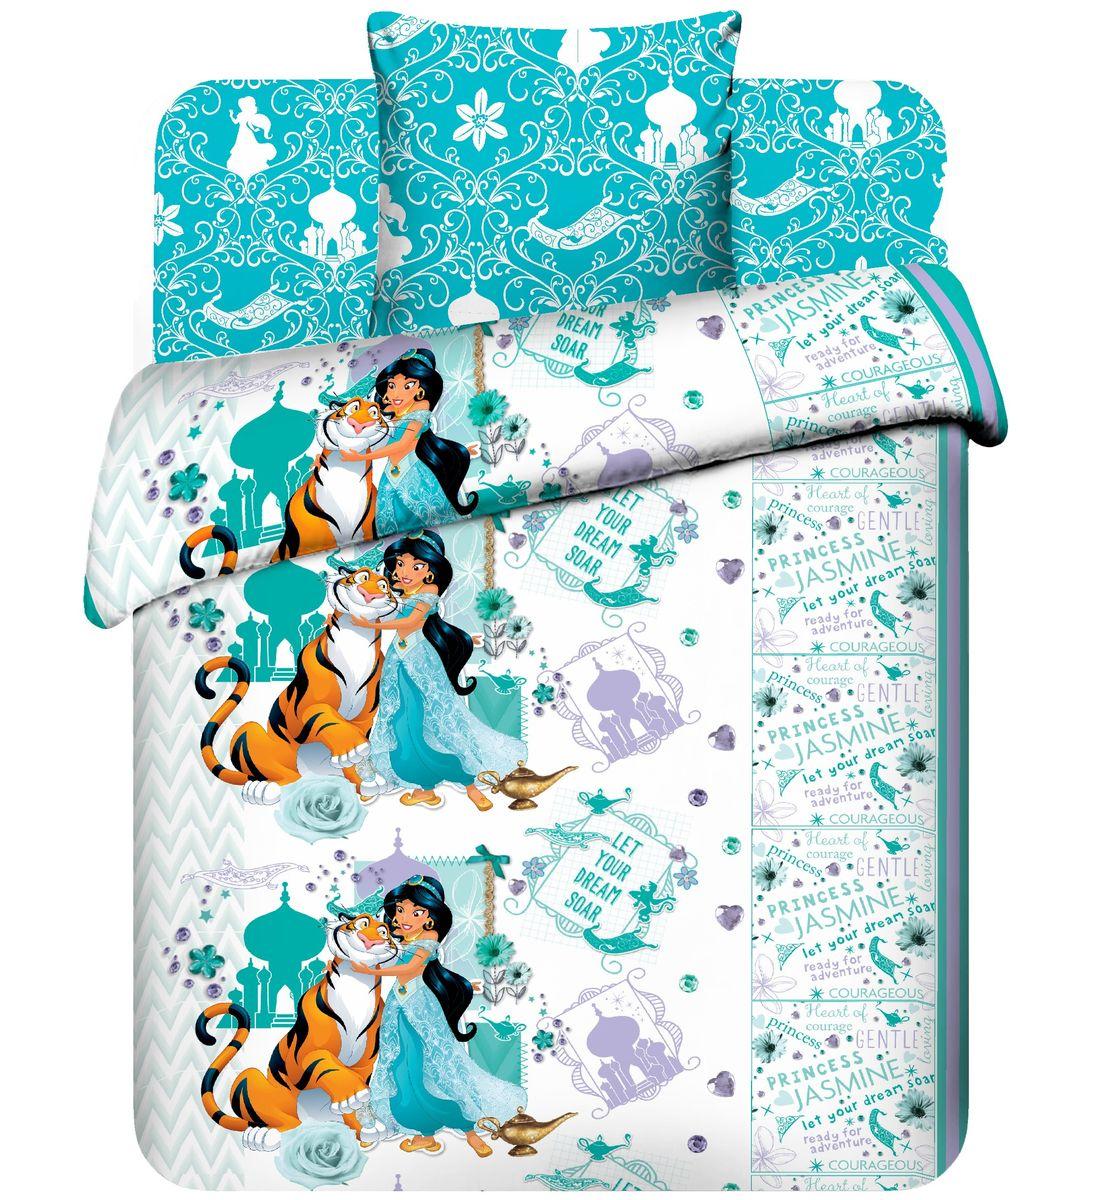 Комплект белья Василек Тинейджер, 1,5-спальный, наволочка 70x70, 44464446Невероятно красочное постельное белье Василек Тинейджер украсит детскую комнату иподарит ребенку отличное настроение на весь день.Этот комплект отличаетсяпрочностью и подходит для ежедневного использования. Белье имеет гладкую матовуюповерхность, которая очень приятна на ощупь и выглядит одинаково эстетично с лицевой иизнаночной стороны. Постельное белье из хлопка великолепно сохраняет яркость красок идаже после многочисленных стирок выглядит так, будто куплено вчера.В комплектвходят наволочка, простыня и пододеяльник.Комплект станет замечательнымдополнением к интерьеру детской комнаты.